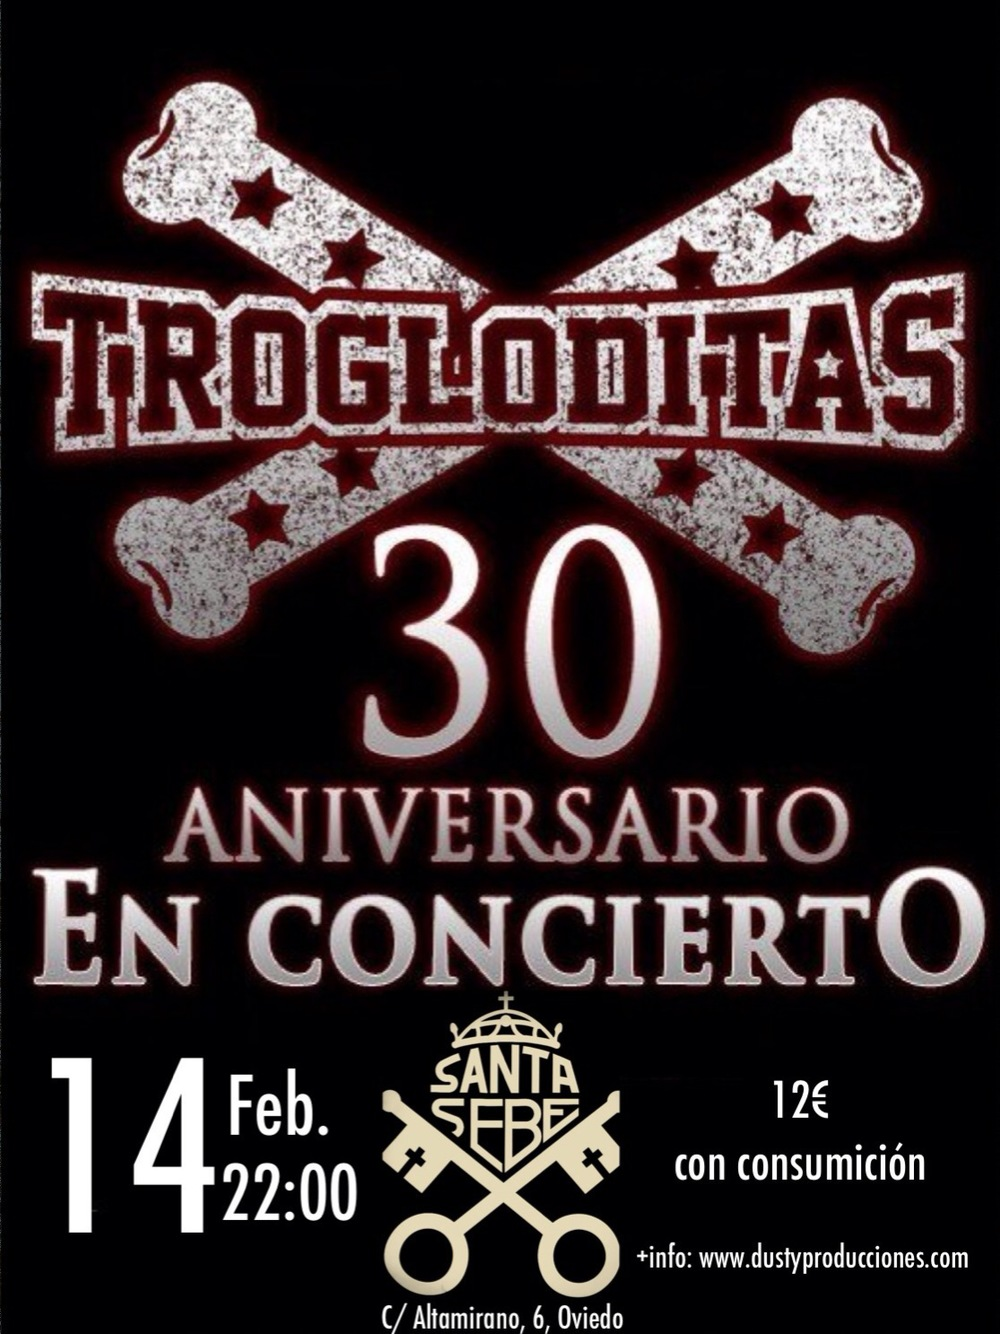 Los Trogloditas en concierto, el 14 de febrero de 2014, en Oviedo, Sala La Santa Sebe.